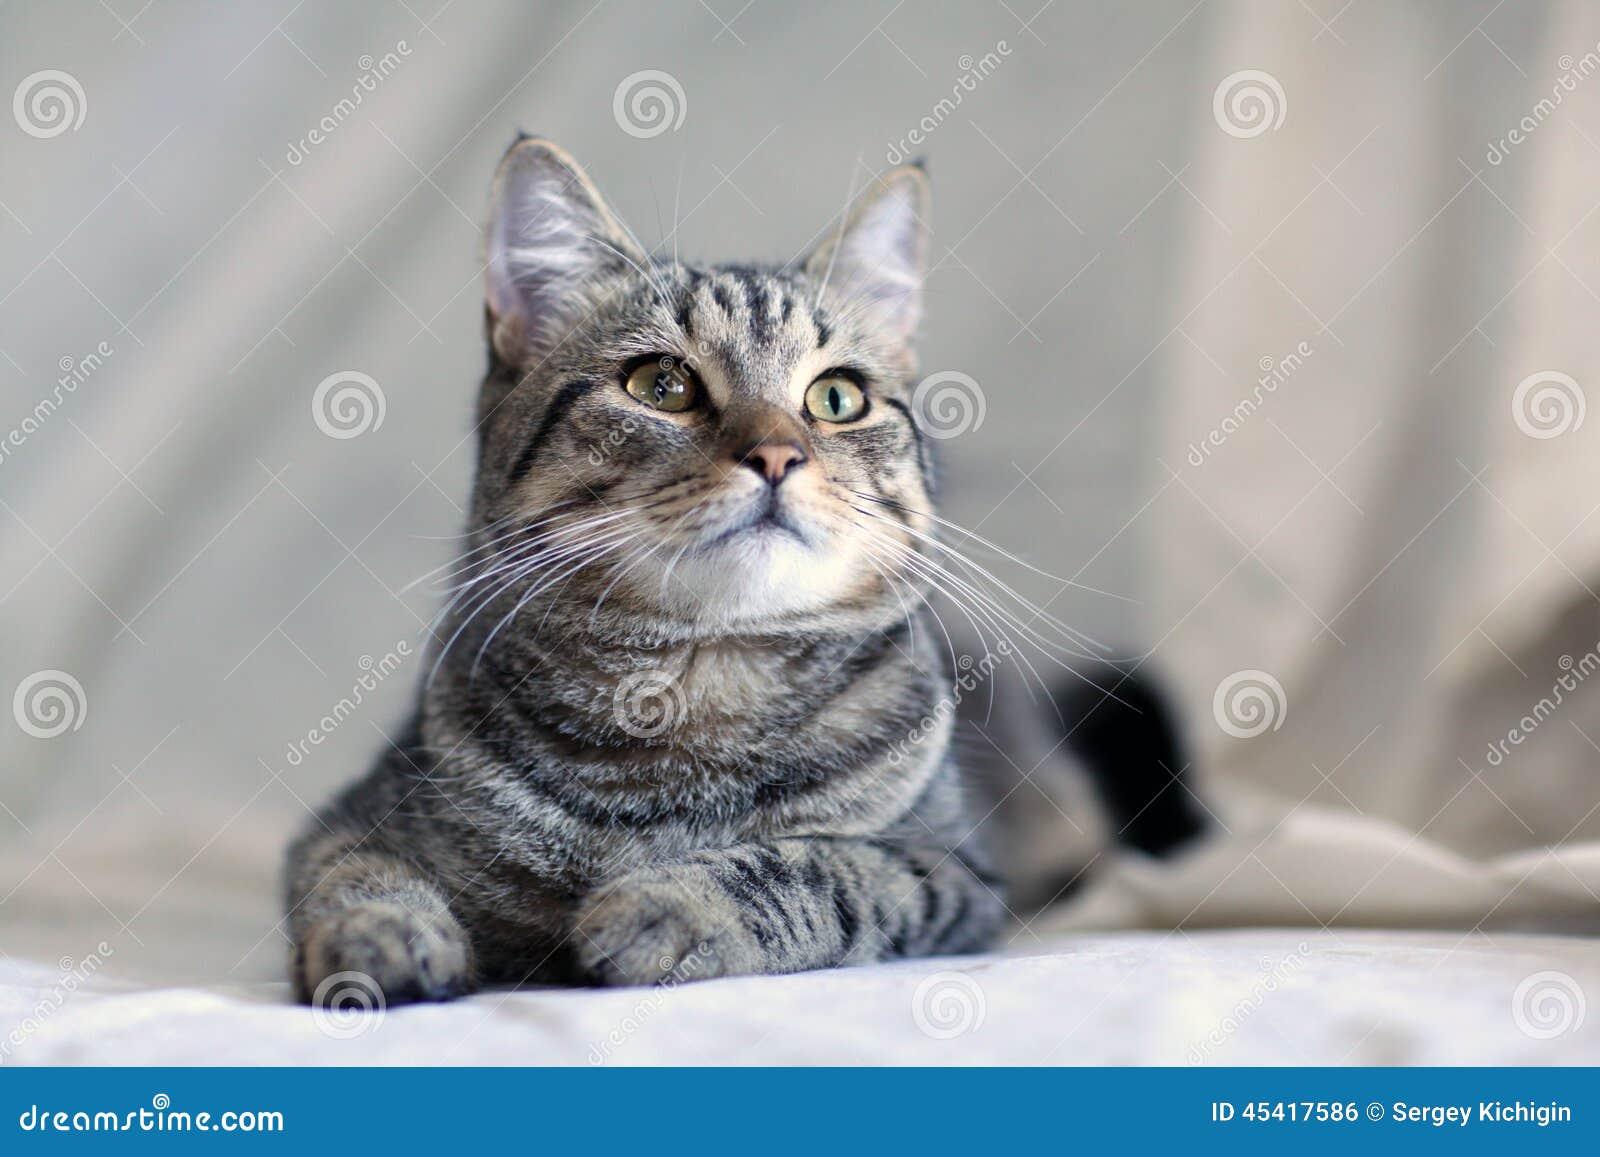 Lustige Graue Katze Auf Einem Sofa Stockfoto Bild Von Haar Augen